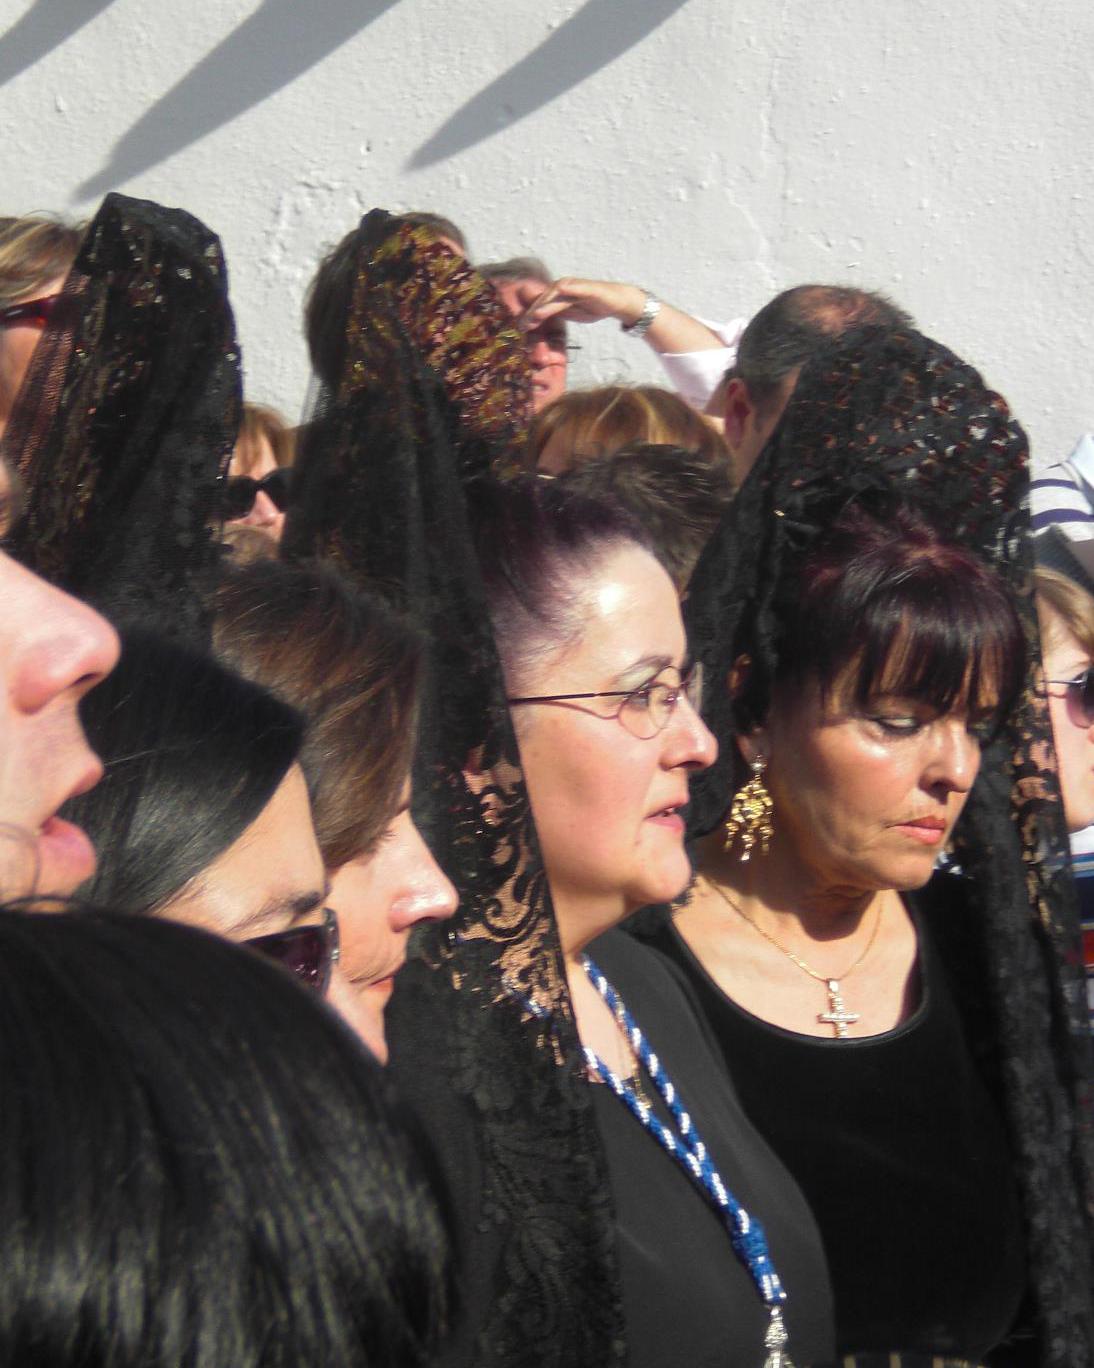 María Isabel Fuentes de mantilla, en el centro de la imagen